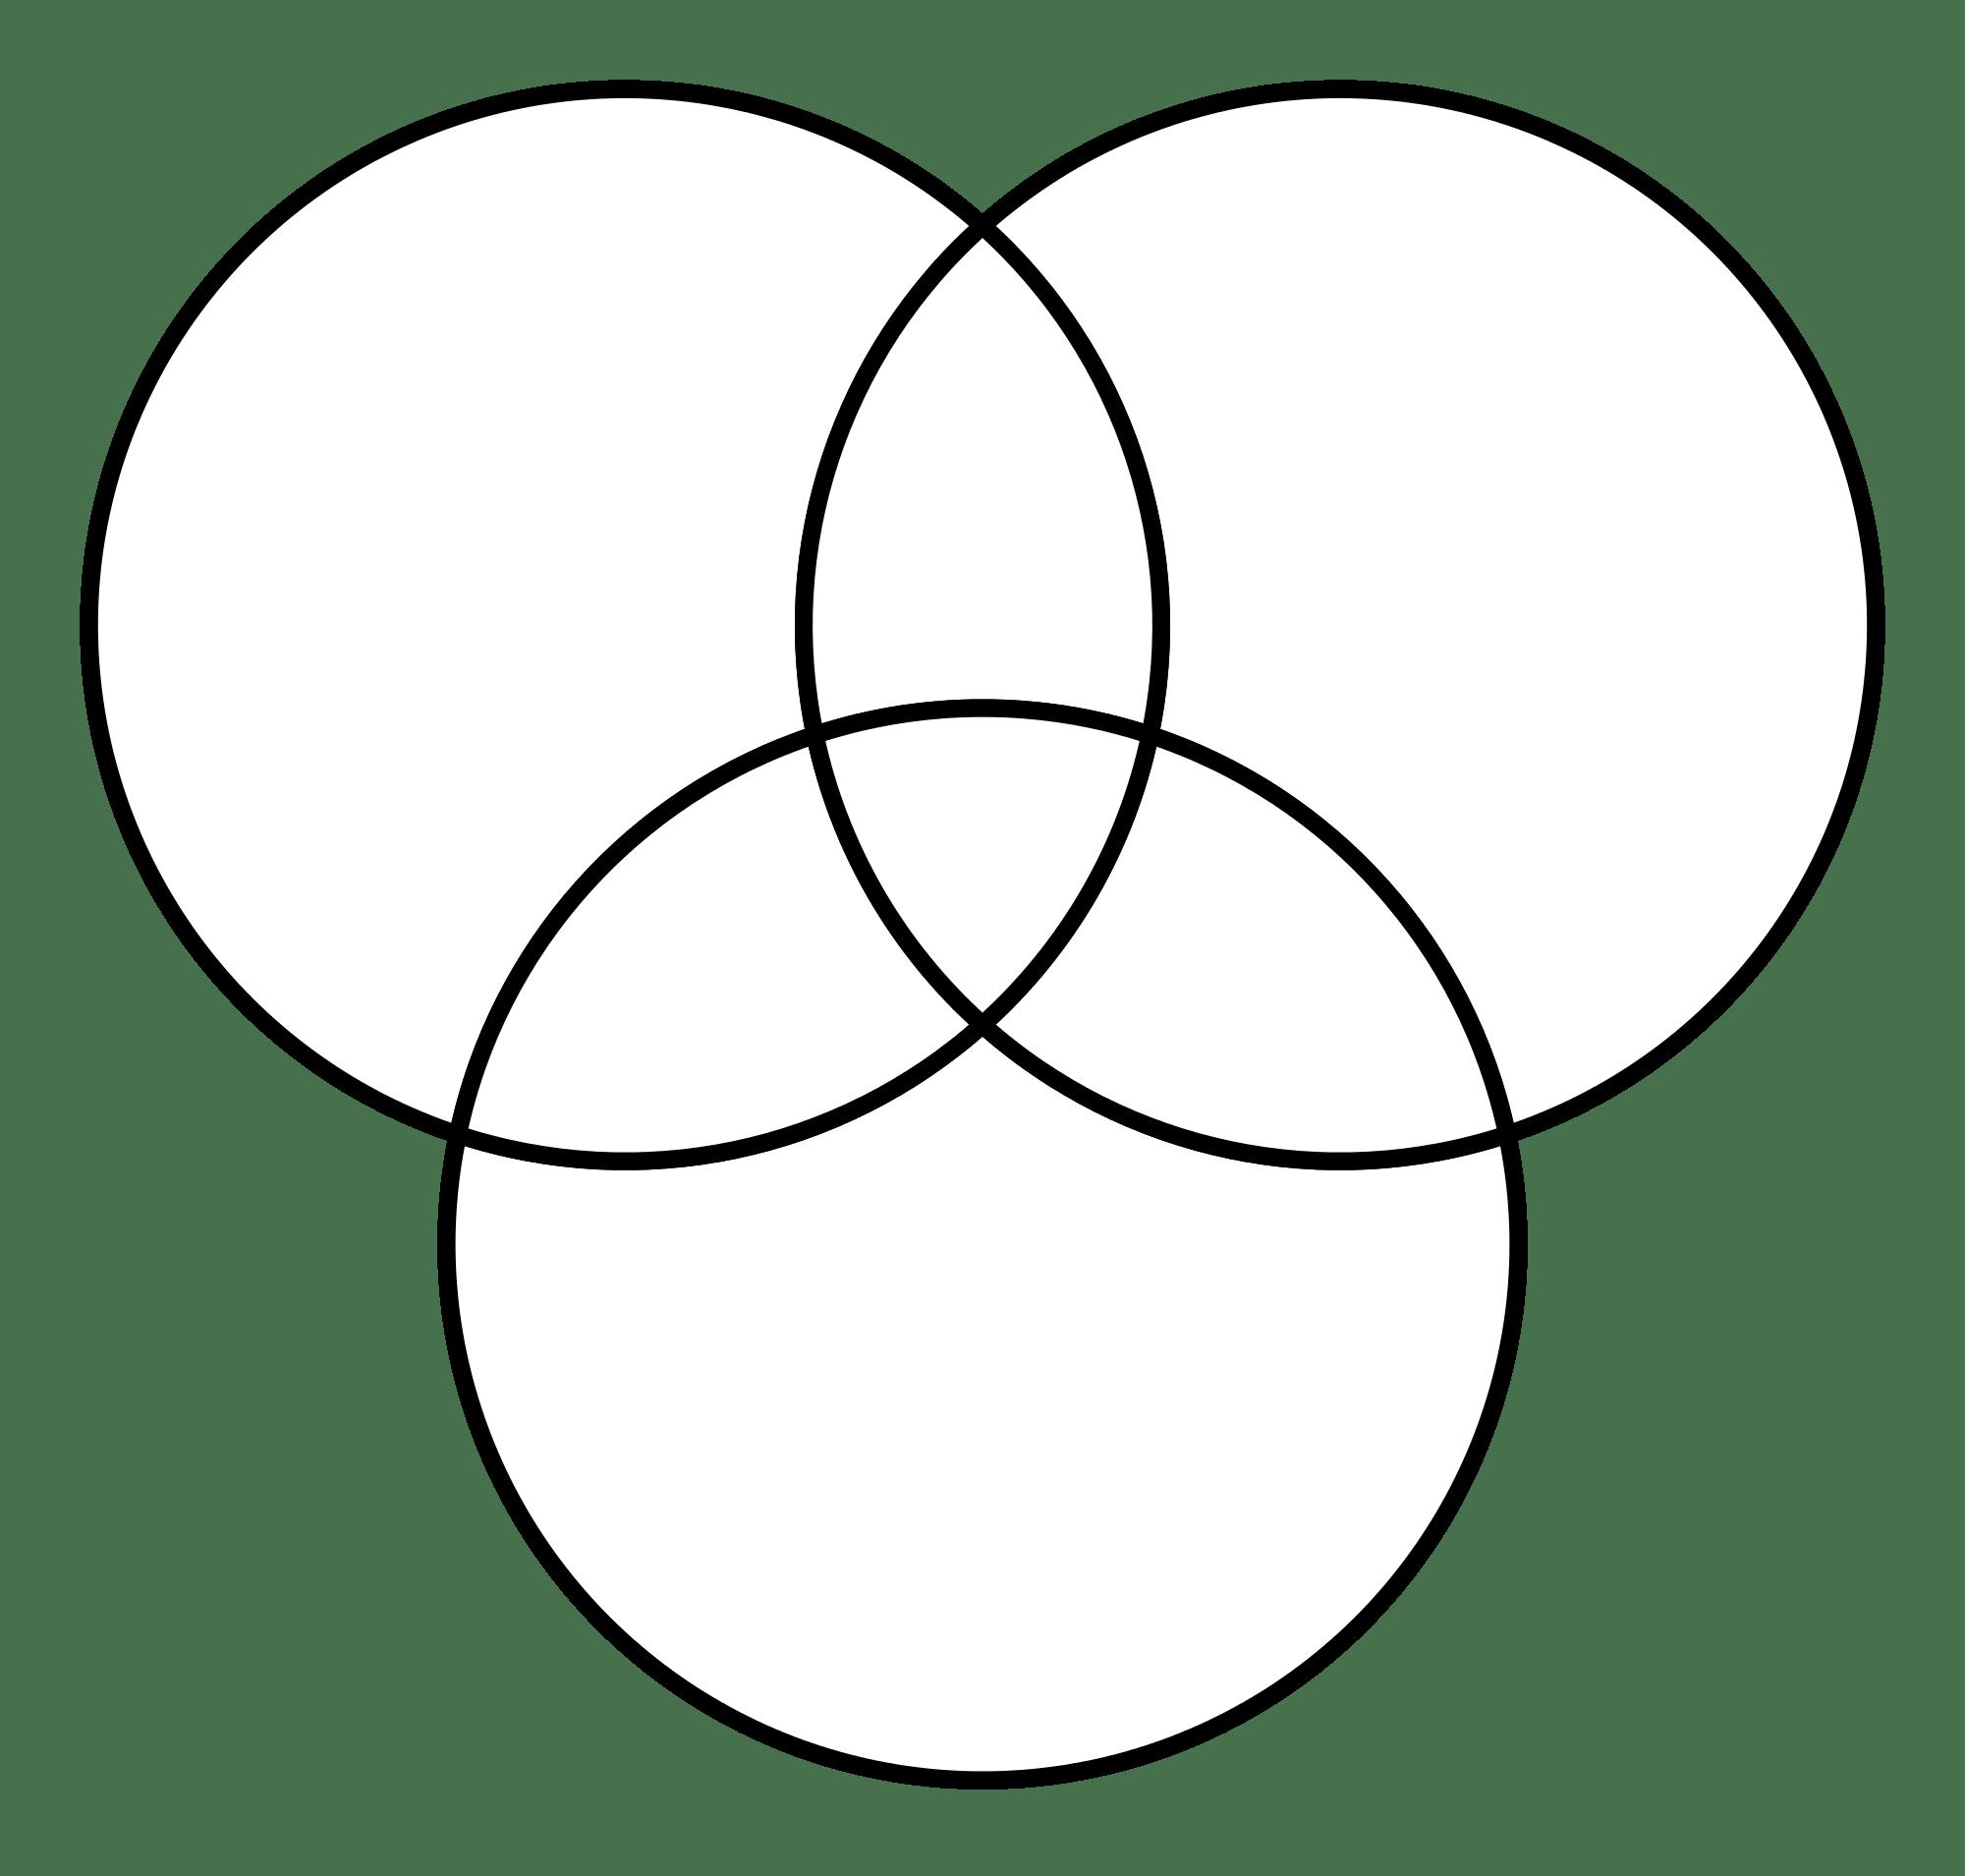 Blank Been Diagram